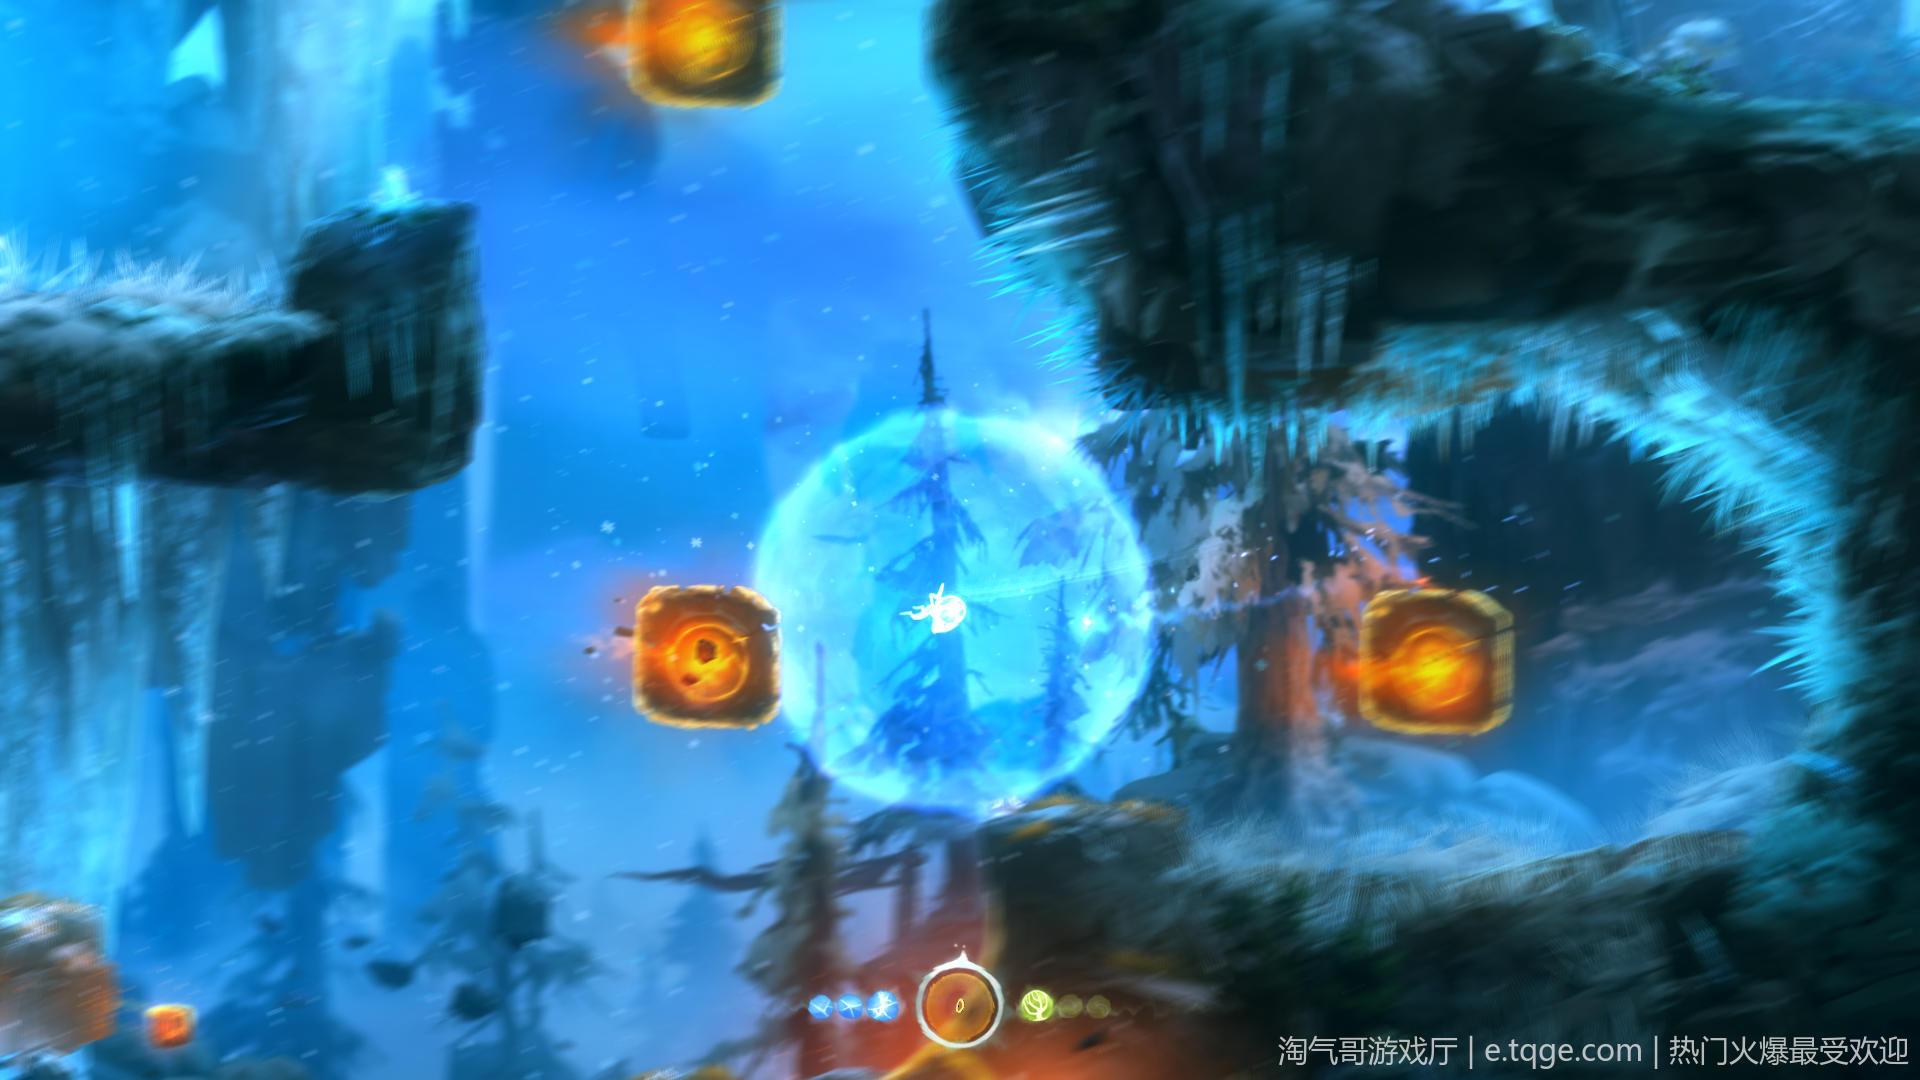 奥日与黑暗森林:终极版/精灵与黑暗森林 动作冒险 第16张